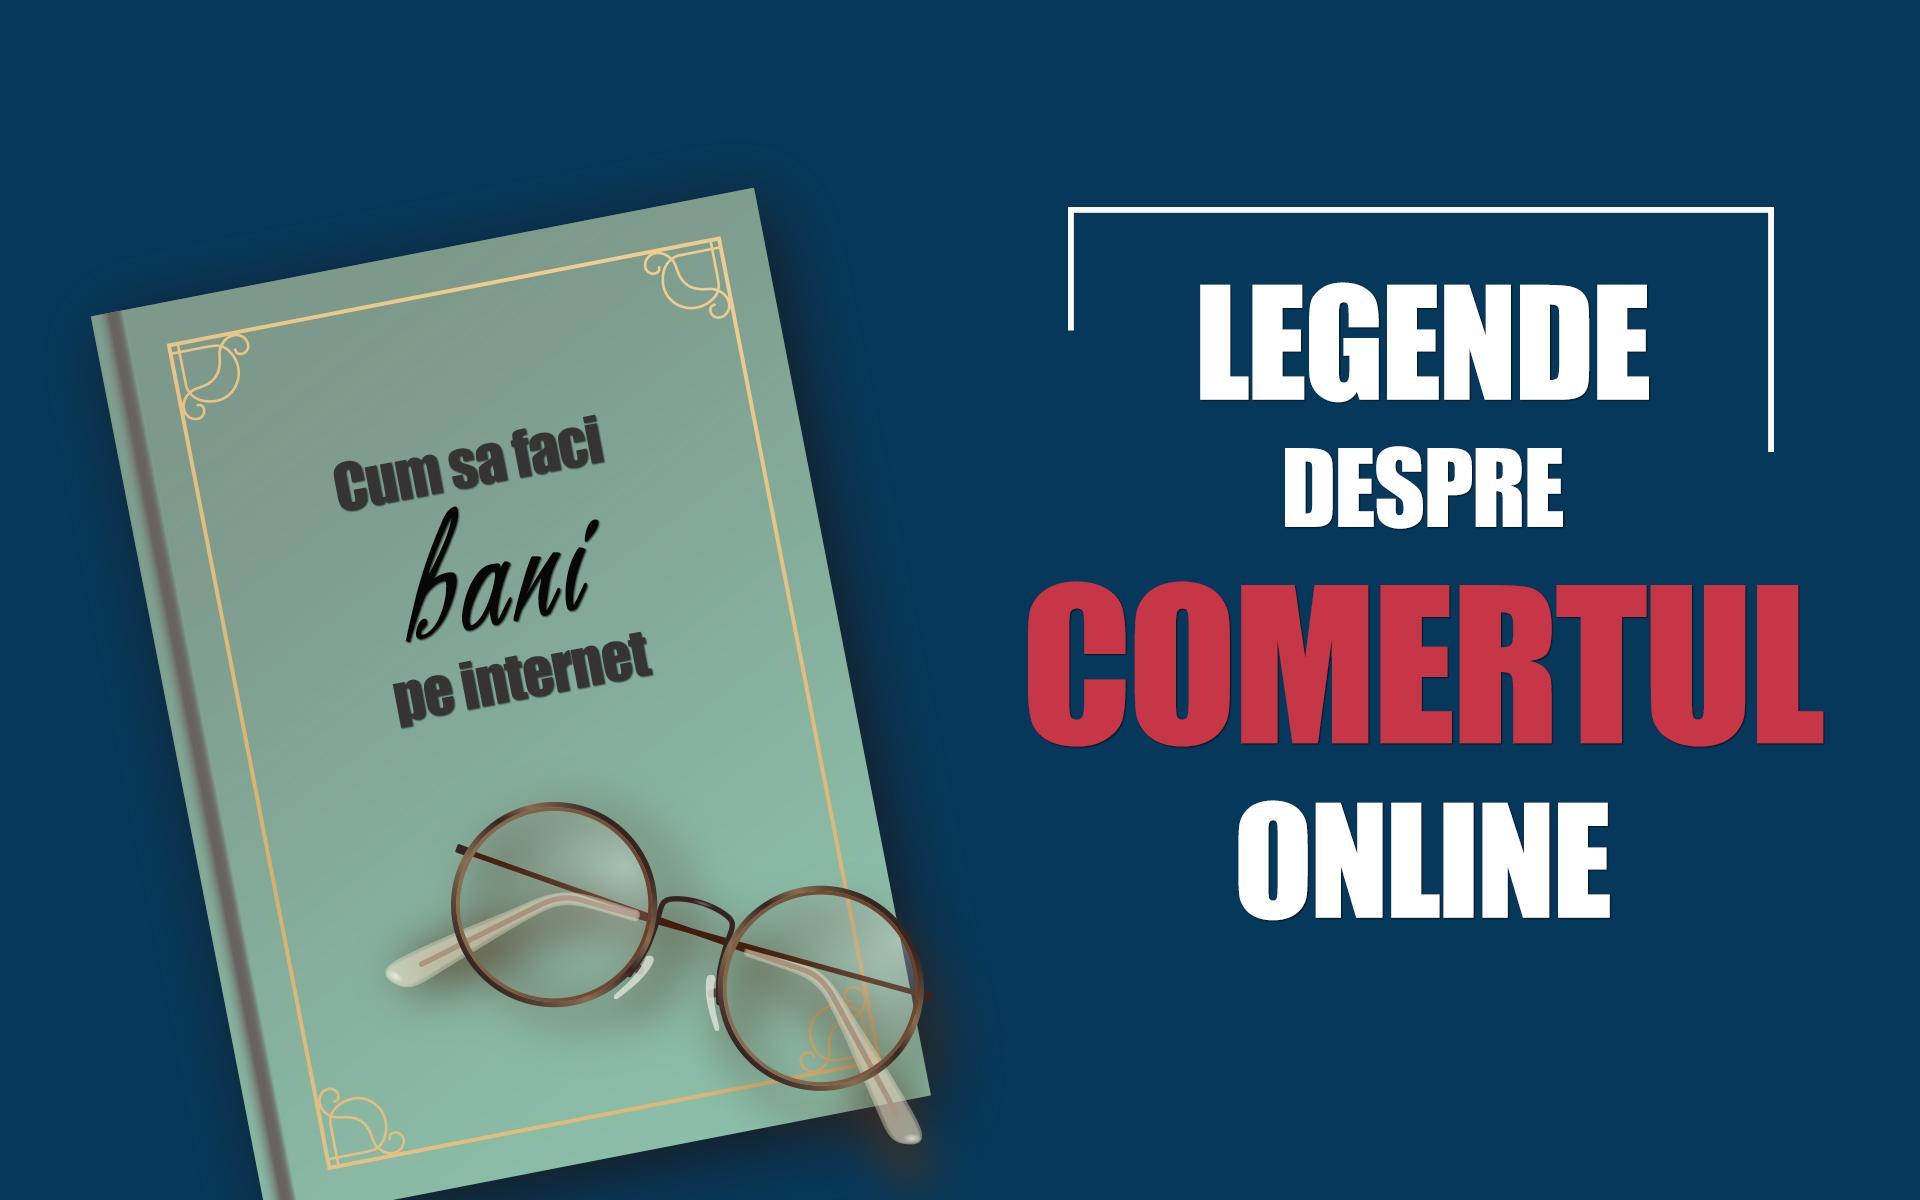 legende_online